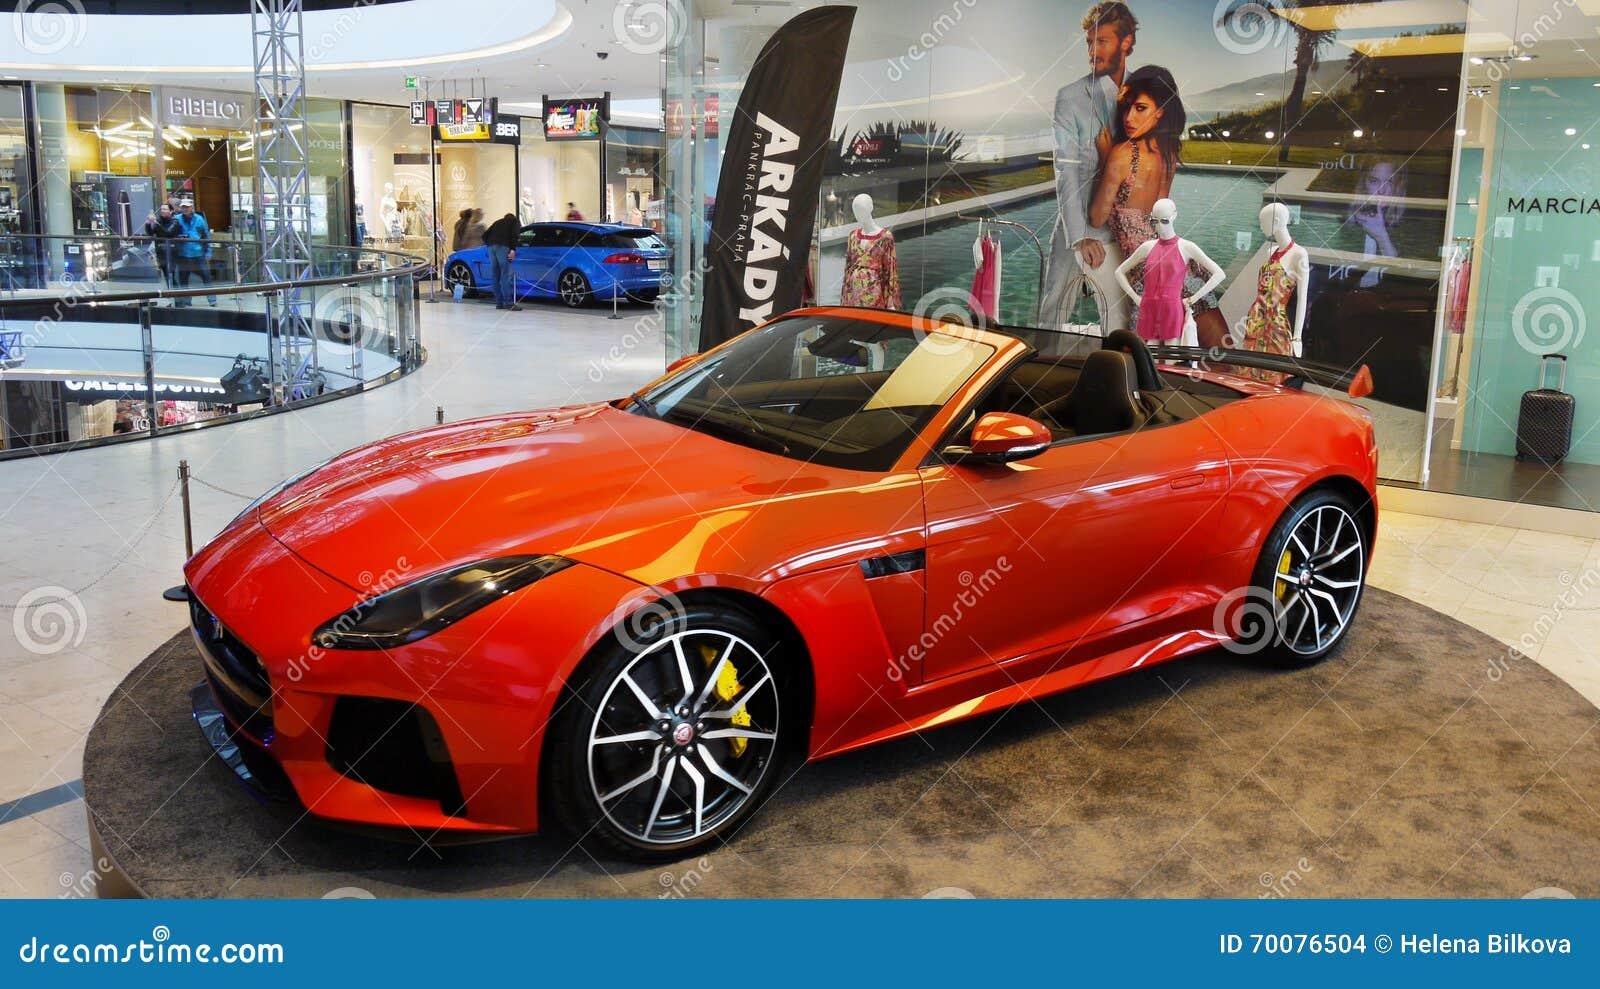 New Top Sports Cars, Jaguar